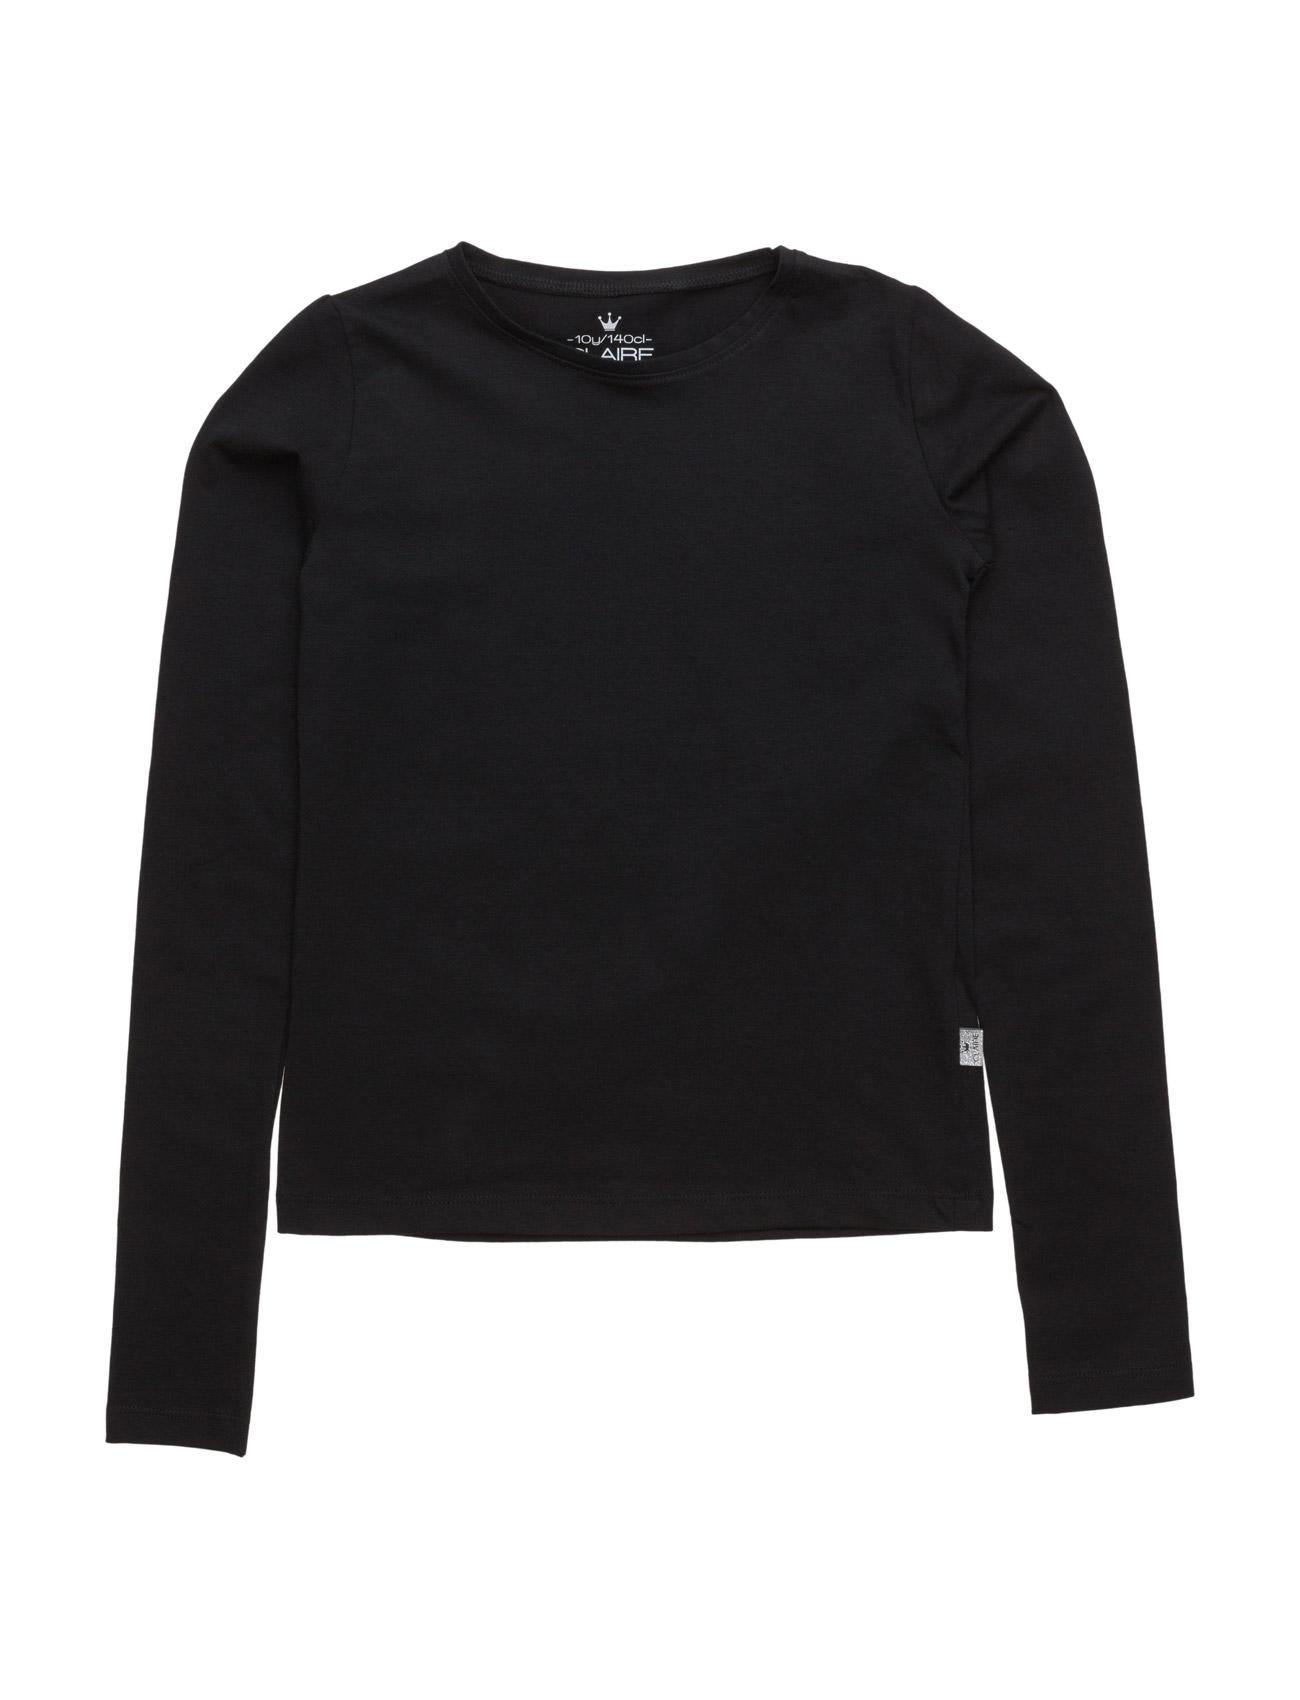 T-Shirt Hust & Claire Langærmede t-shirts til Børn i Sort